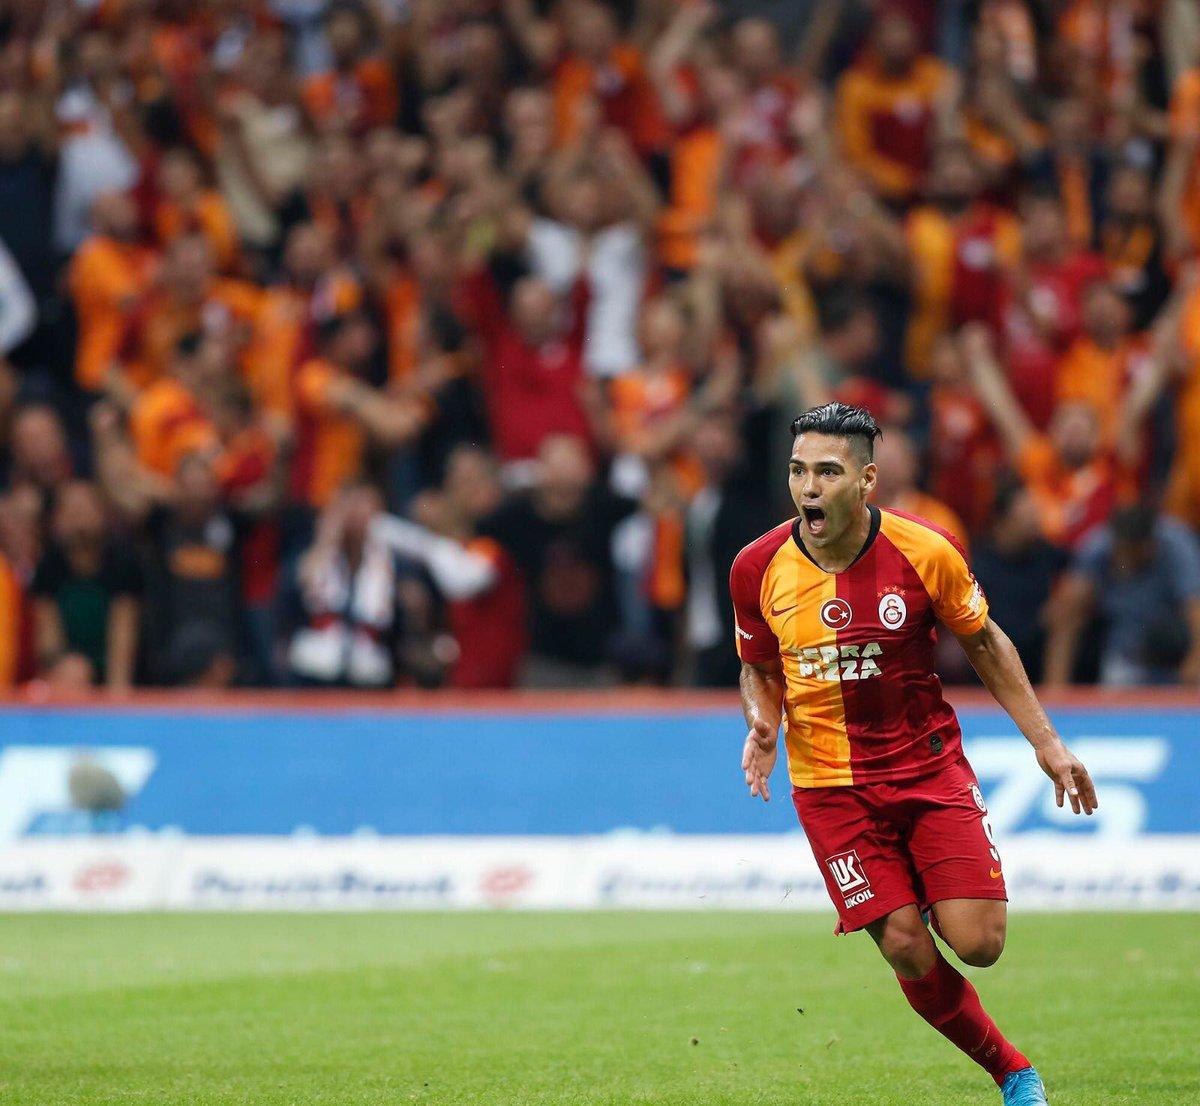 Debut de en sueño para Radamel Falcao con el Galatasaray